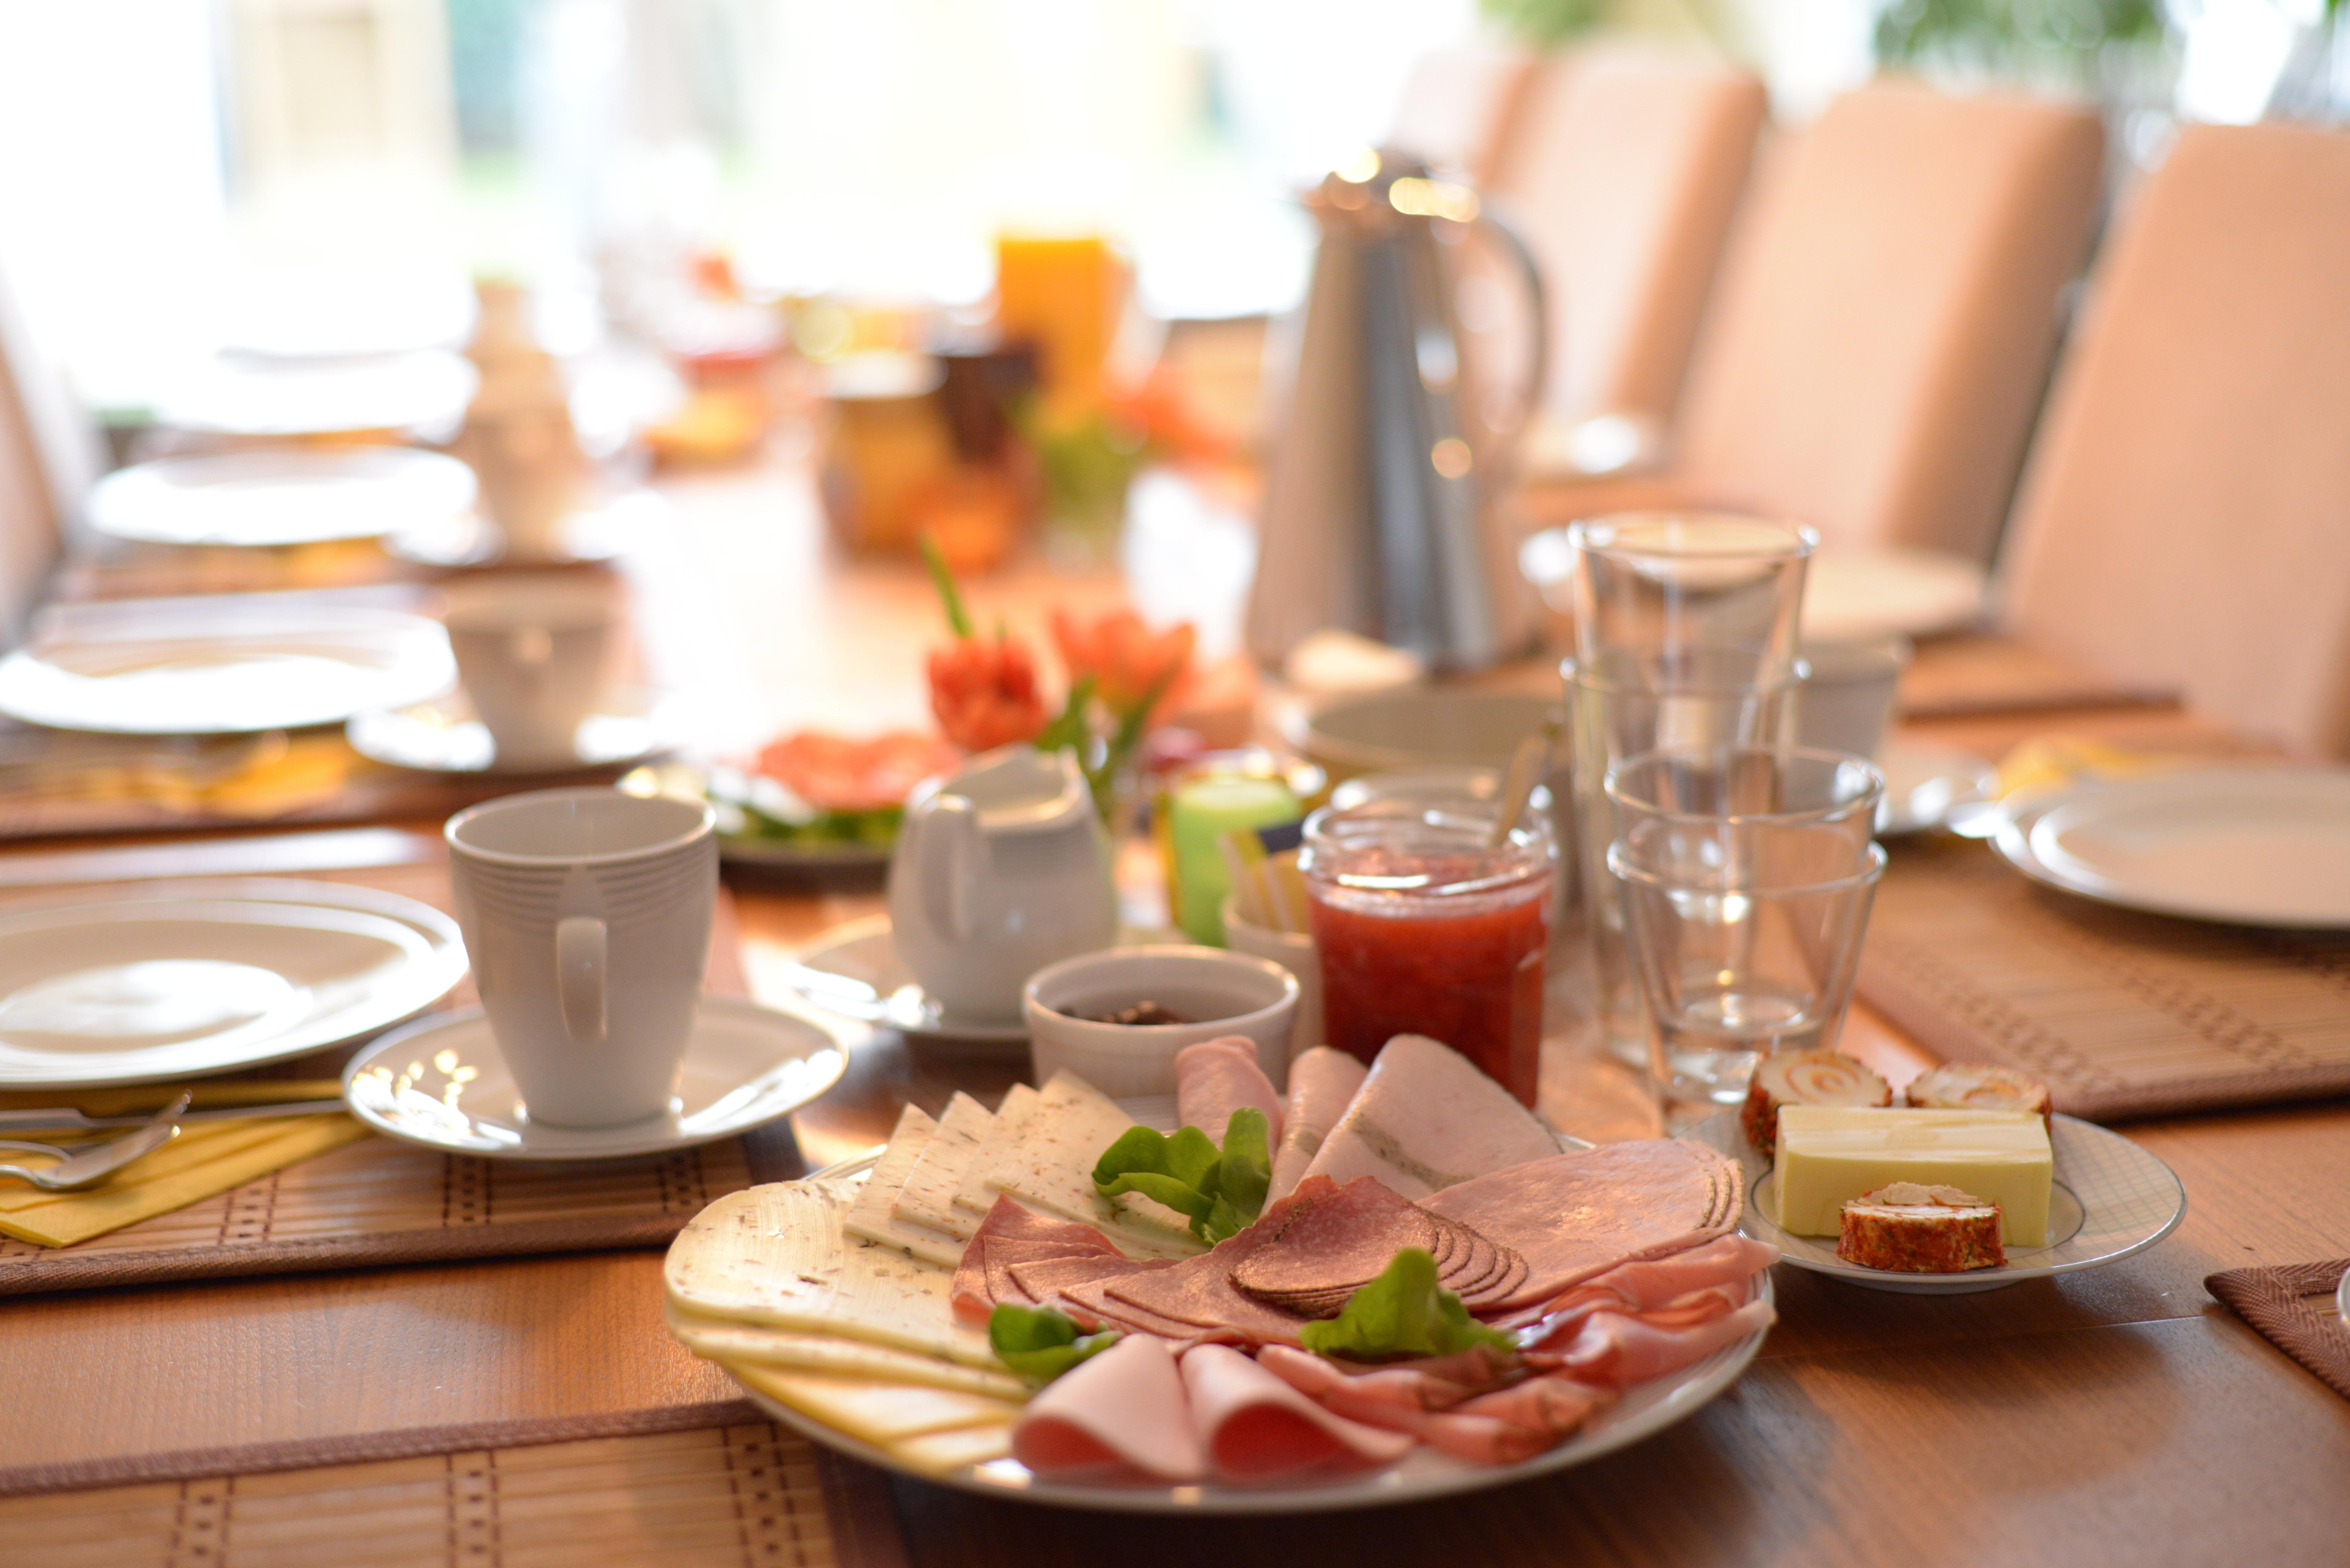 Kostenlose foto : Tabelle, Besteck, Tafel, Restaurant, Gericht ...